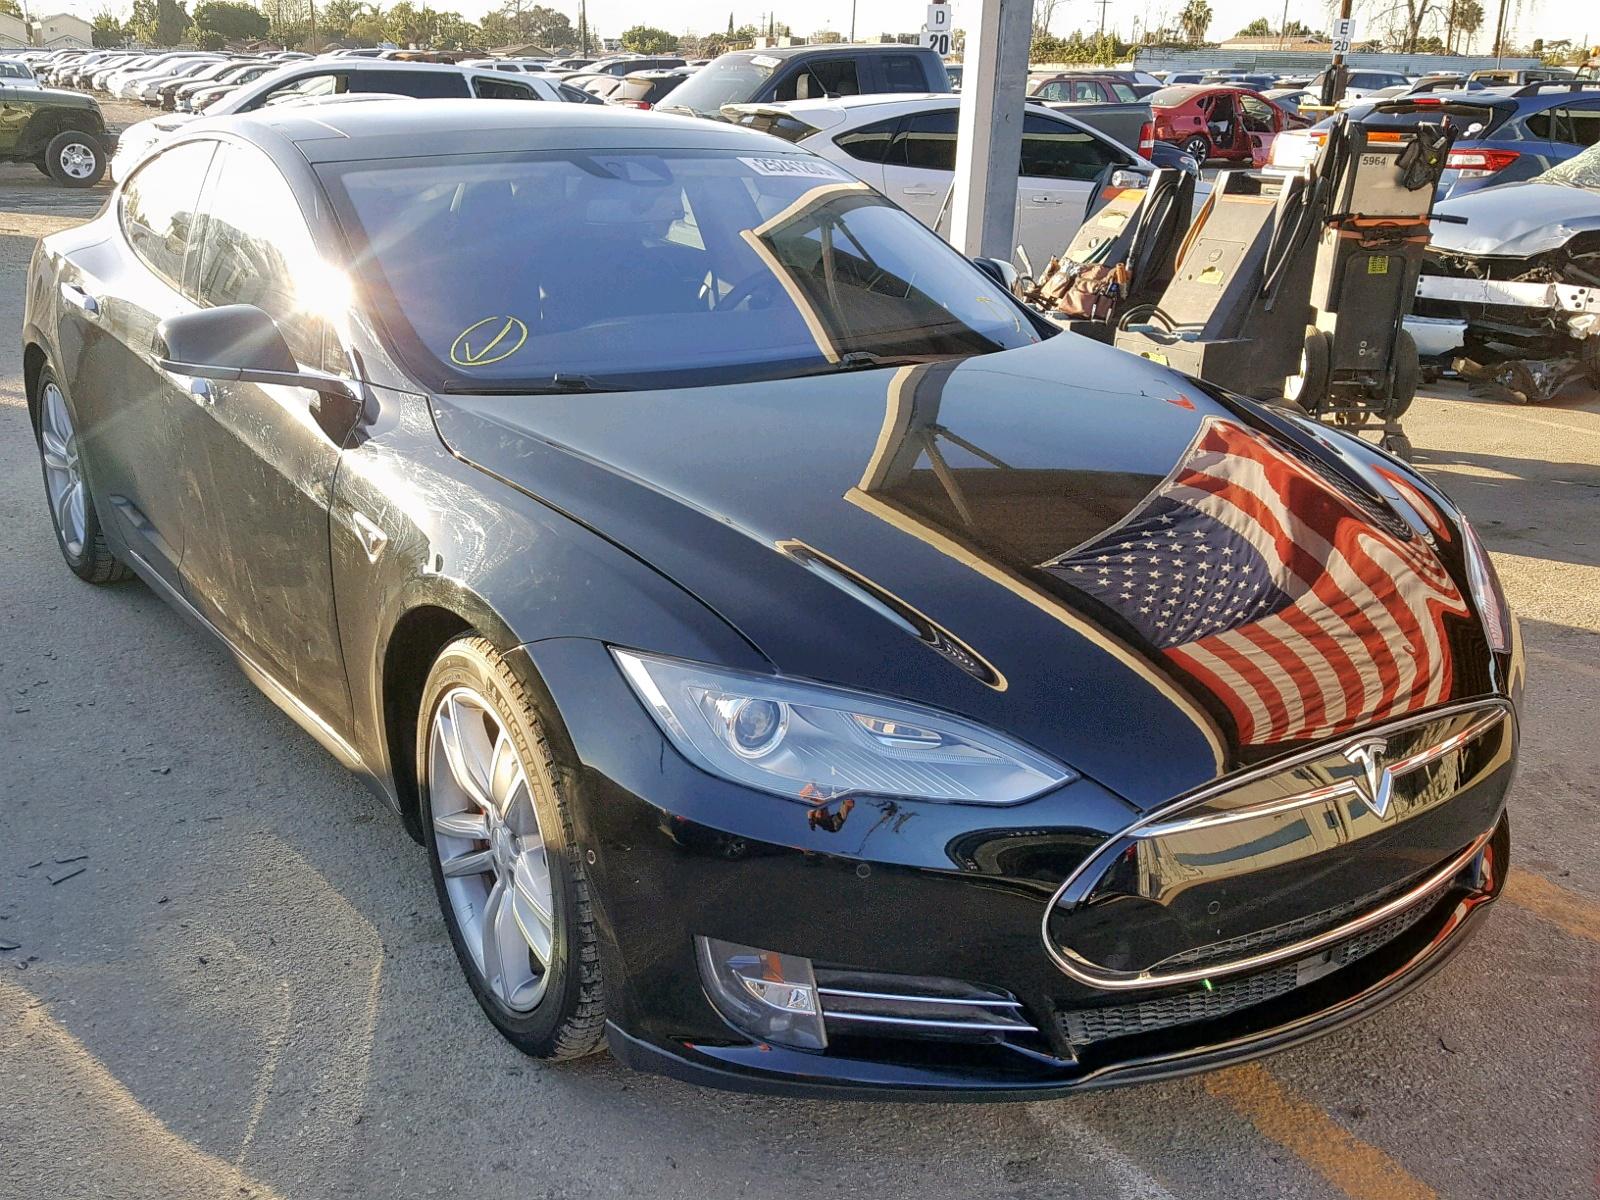 2014 Tesla Model S in CA - Los Angeles (5YJSA1H2XEFP64142 ...